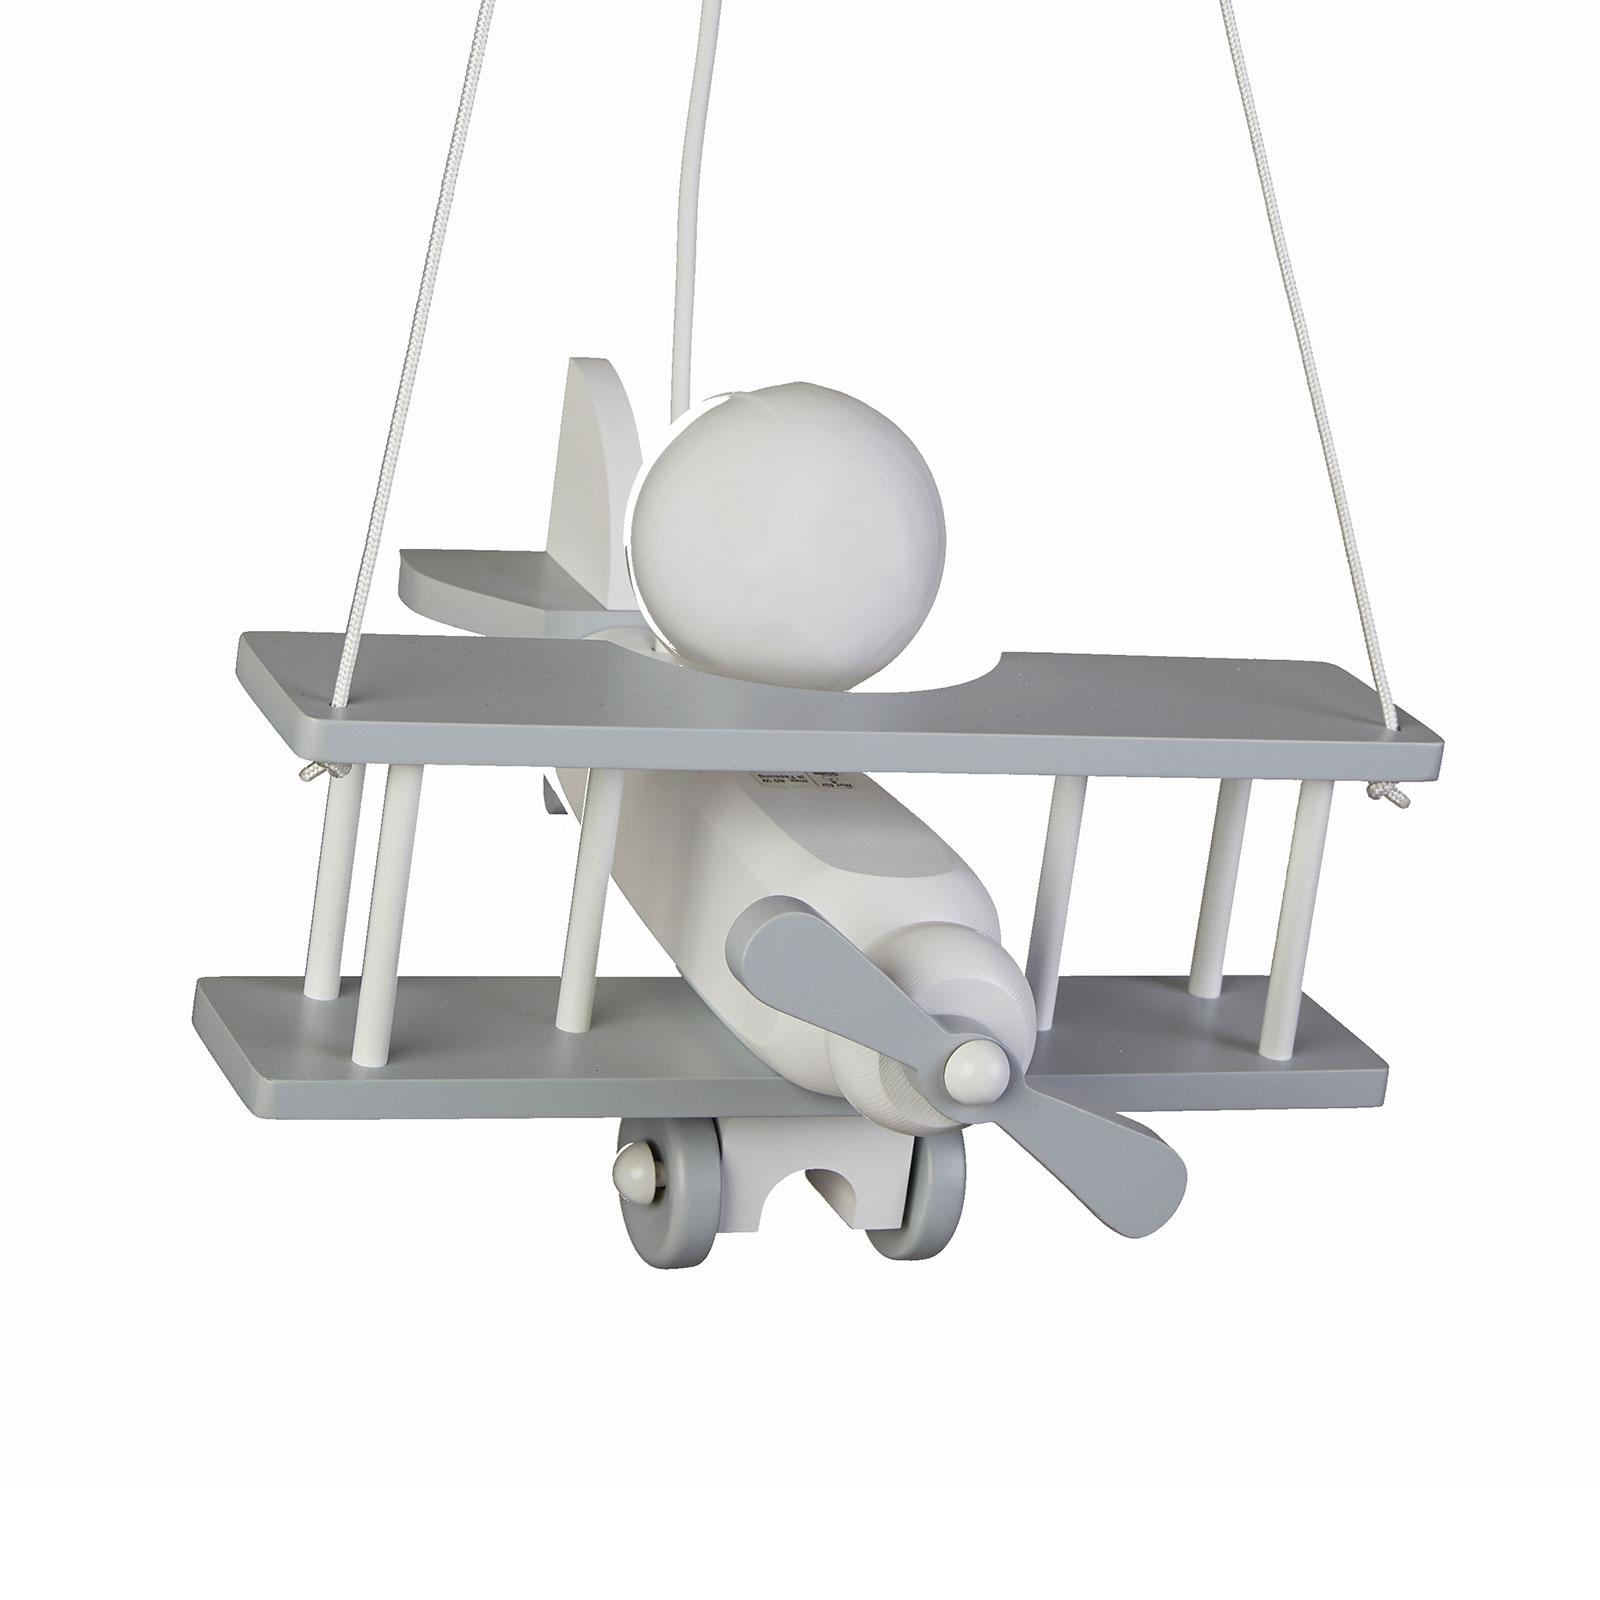 Pendelleuchte Flugzeug, Massivholz, grau-weiß